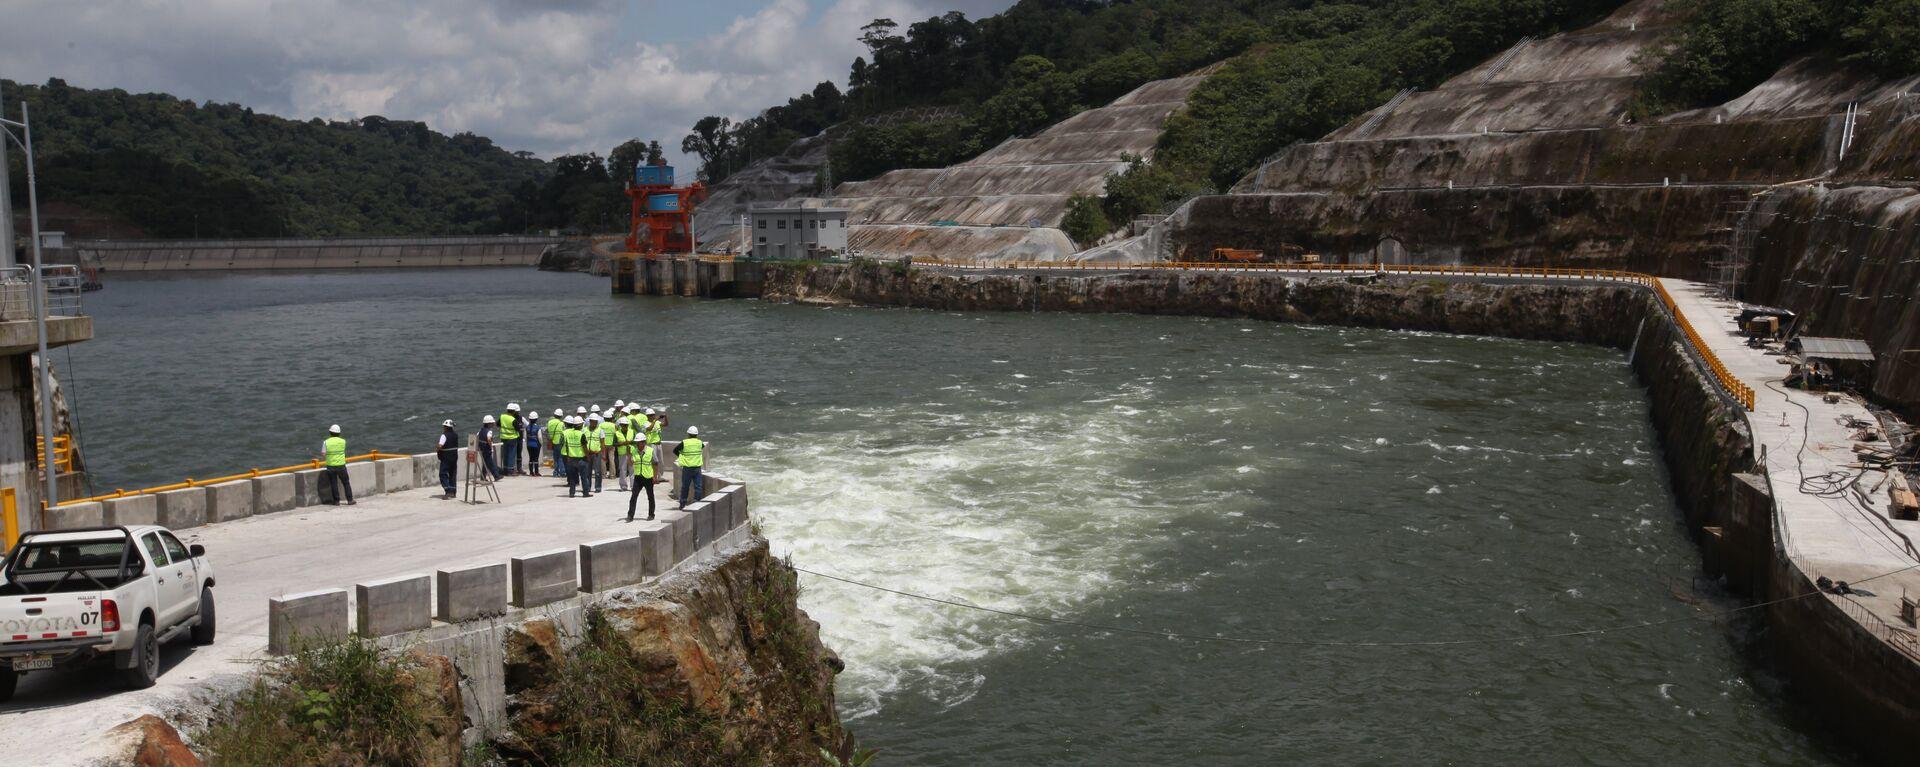 La central hidroeléctrica ecuatoriana Coca Codo Sinclair - Sputnik Mundo, 1920, 25.09.2021